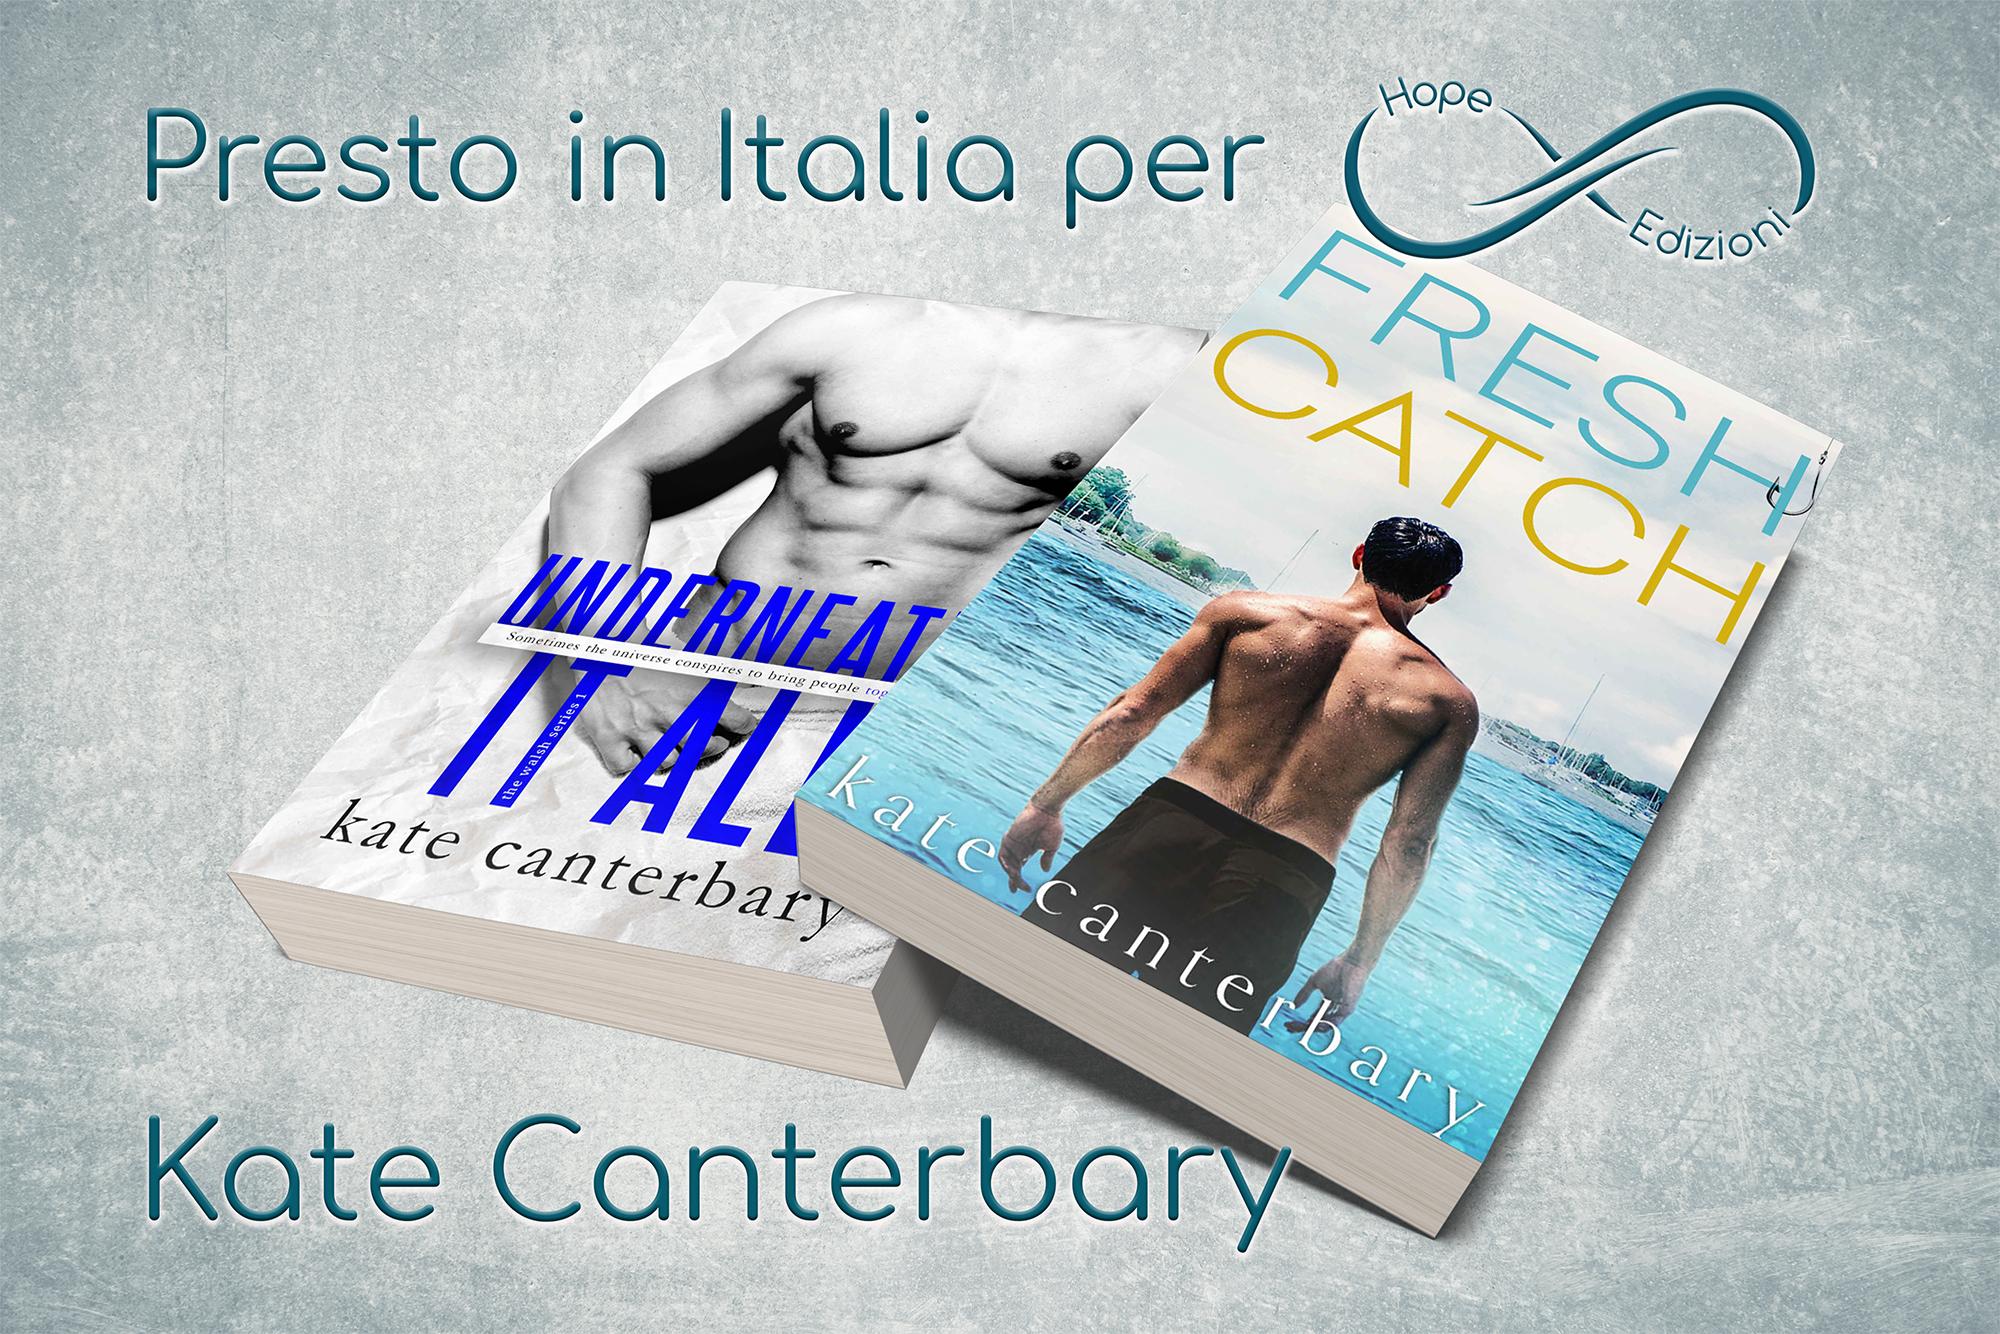 Presto in Italia… Kate Canterbary!